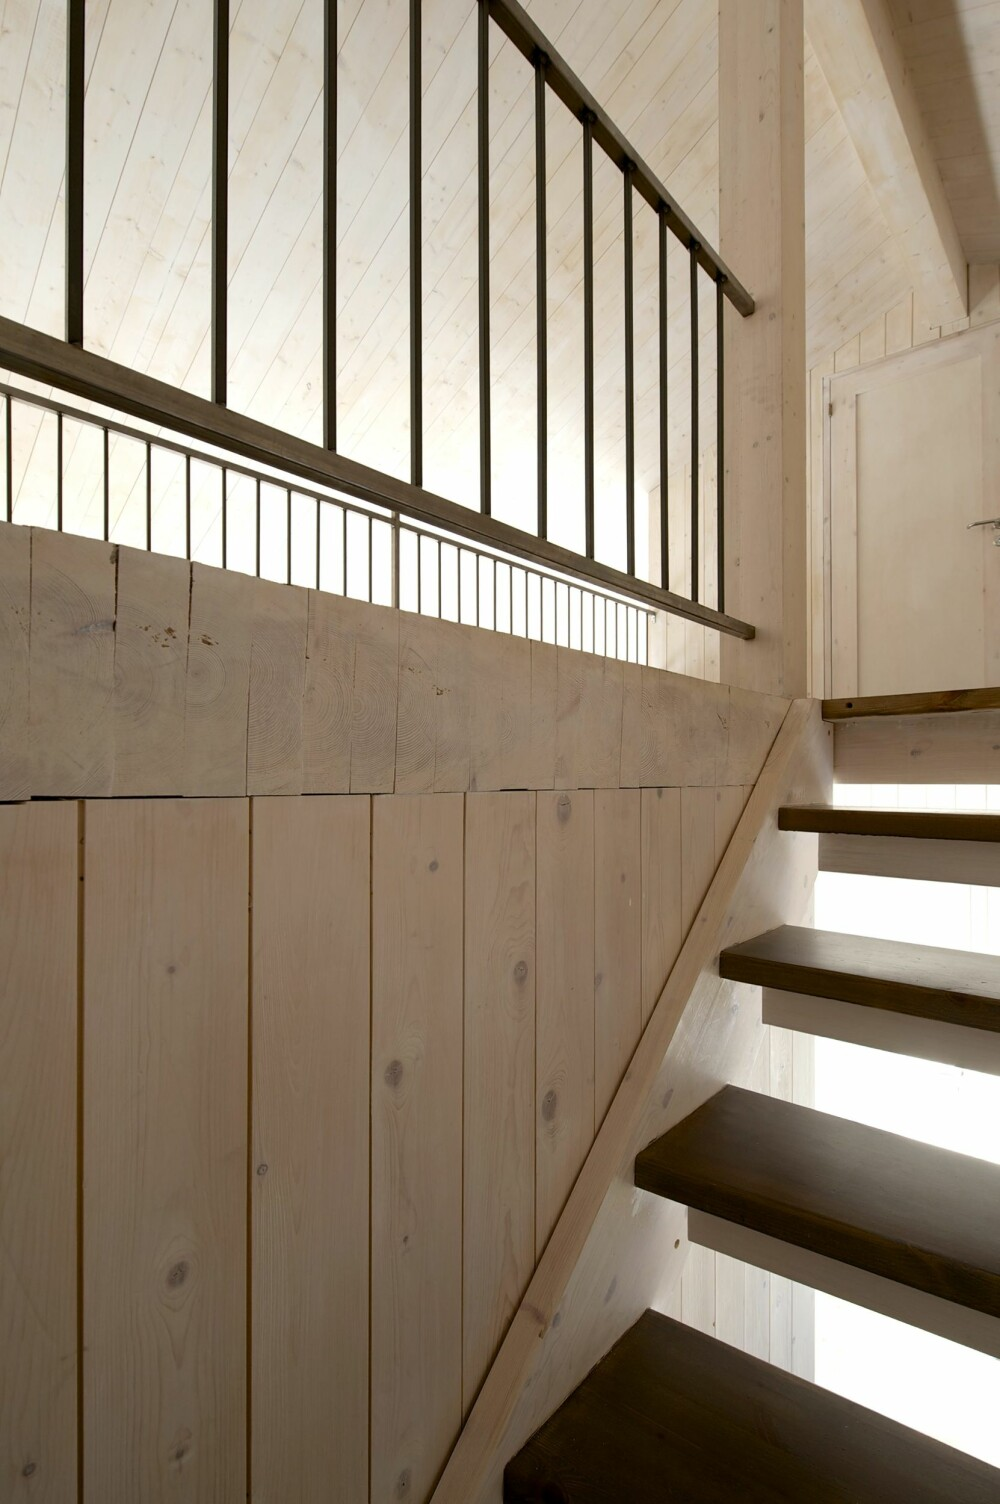 TRAPPEN OPP: I trappegangen ser vi også litt av hvordan bygningen er satt sammen av massive treelementer i vegger, gulv og tak. Både rekkverket og vedvognen i stuen er sveiset av ubehandlet stål hos Tveit Smie på Hundorp.